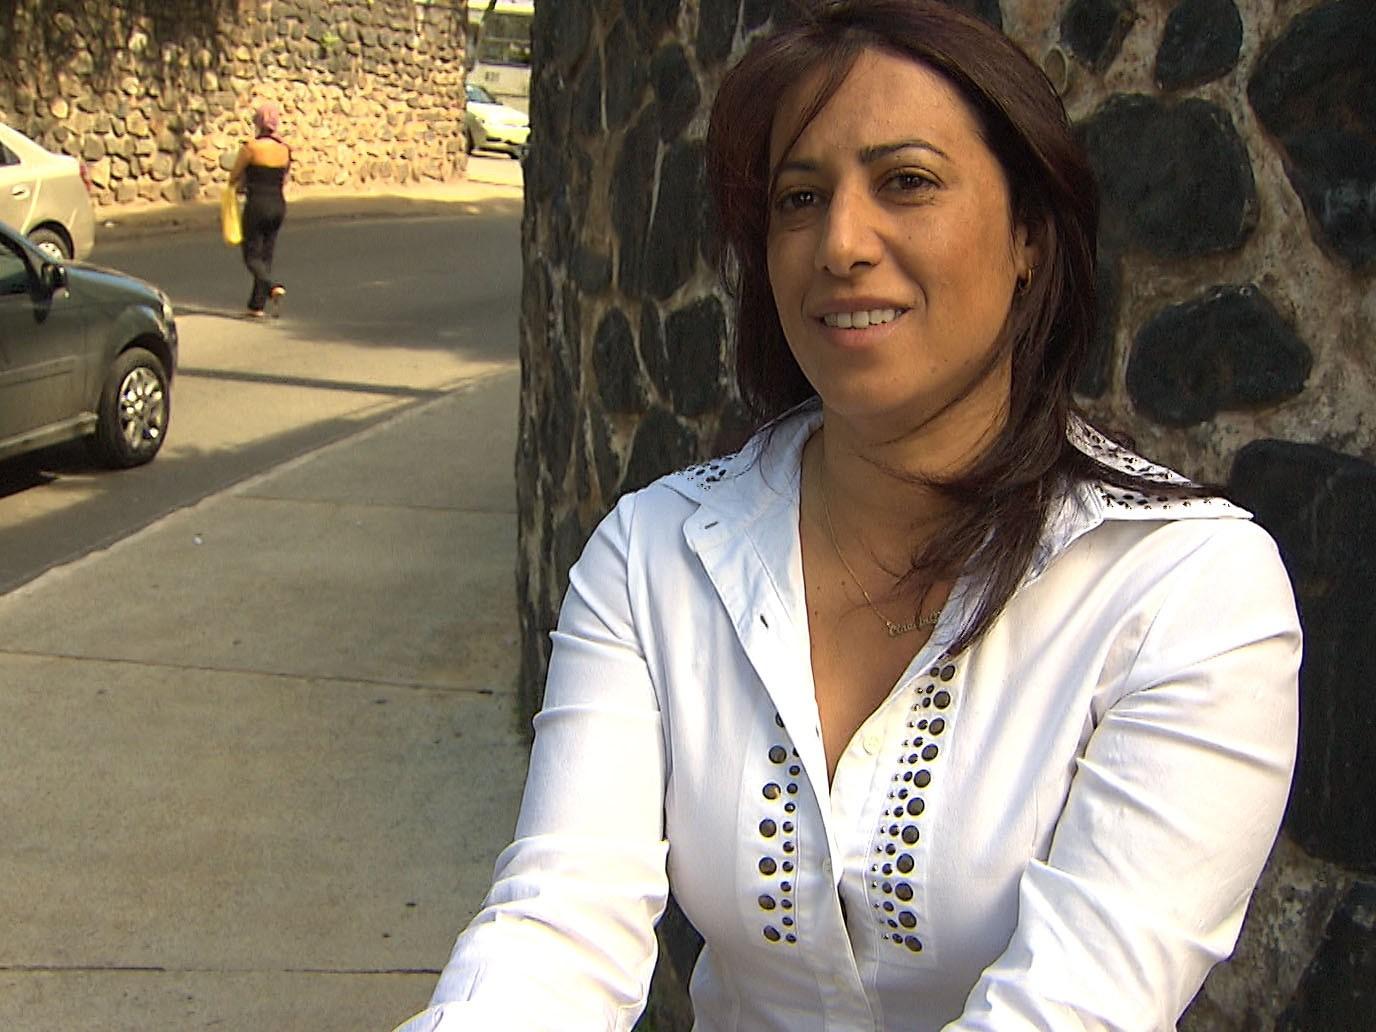 Deputada estadual Cláudia Oliveira (Foto: Candidata a prefeita diz que foi alvo de calúnia e difamação (Foto: Reprodução/TV Santa Cruz))